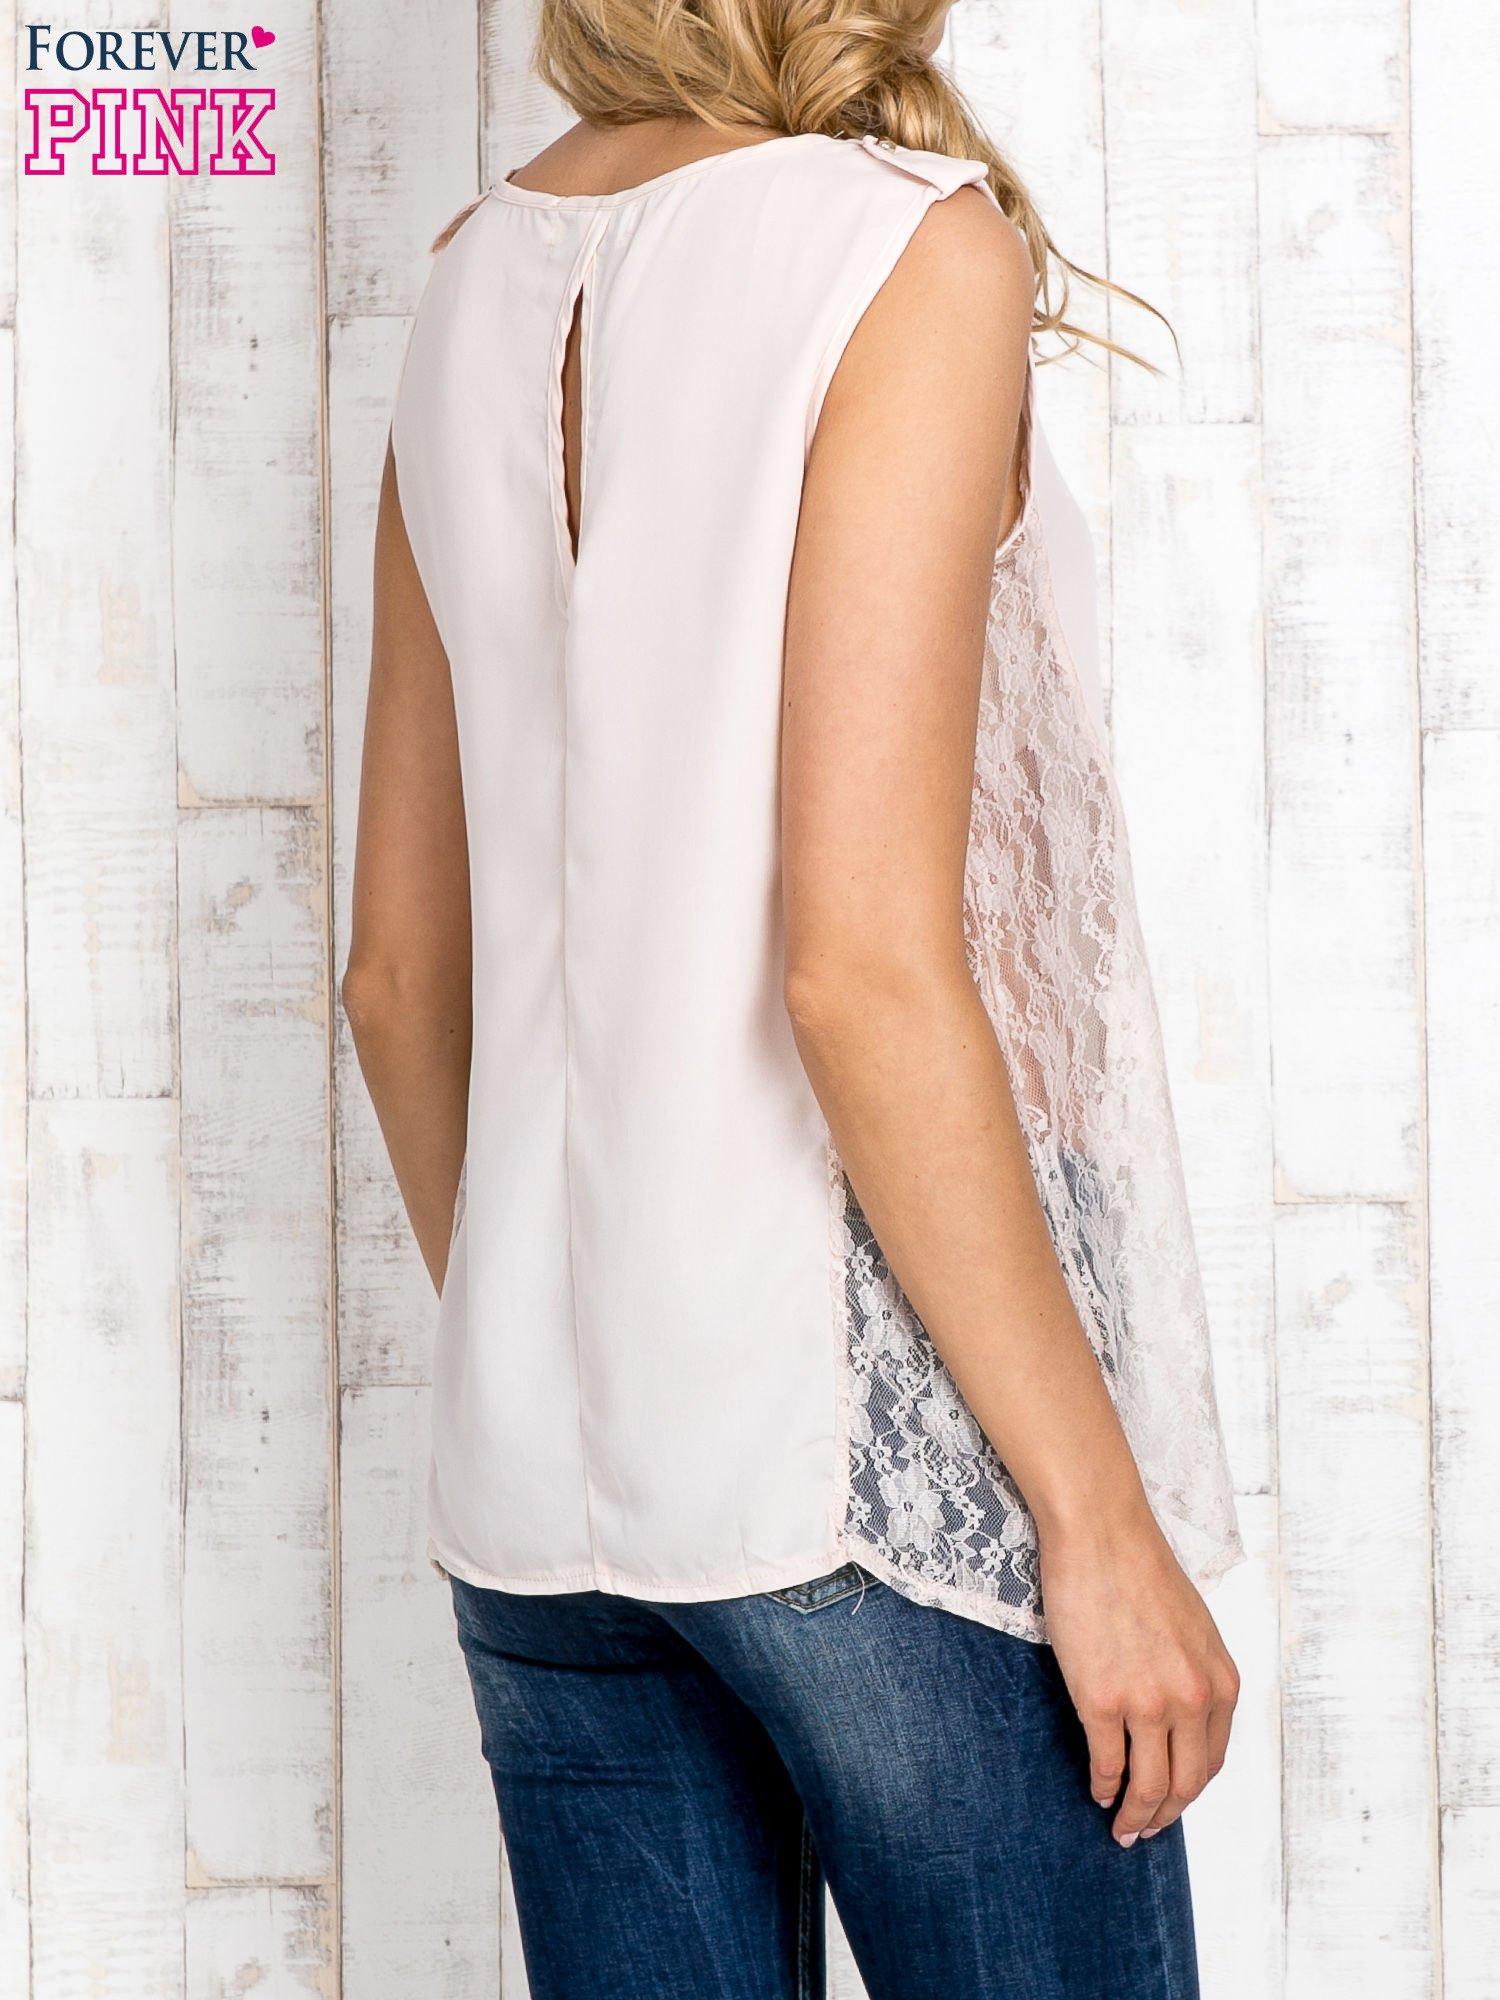 Beżowa bluzka koszulowa z koronkowymi wstawkami na bokach                                  zdj.                                  4